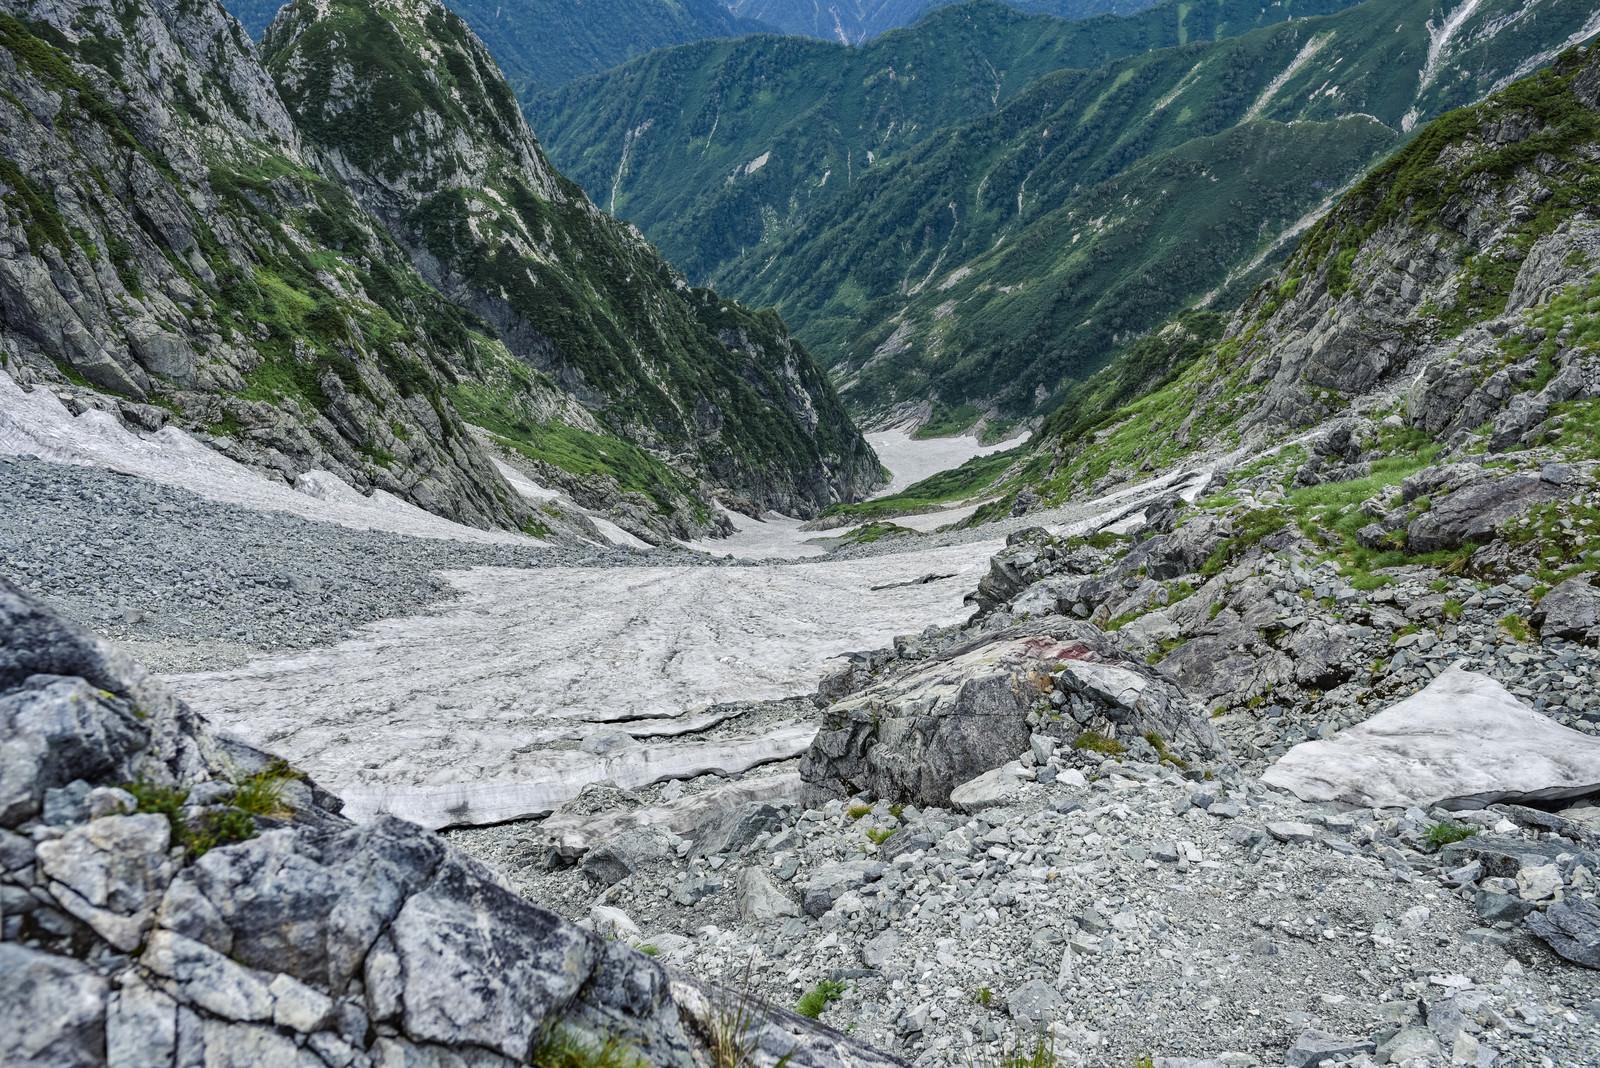 「足を滑らせたら止まりそうもない急峻な斜面(剱岳)」の写真